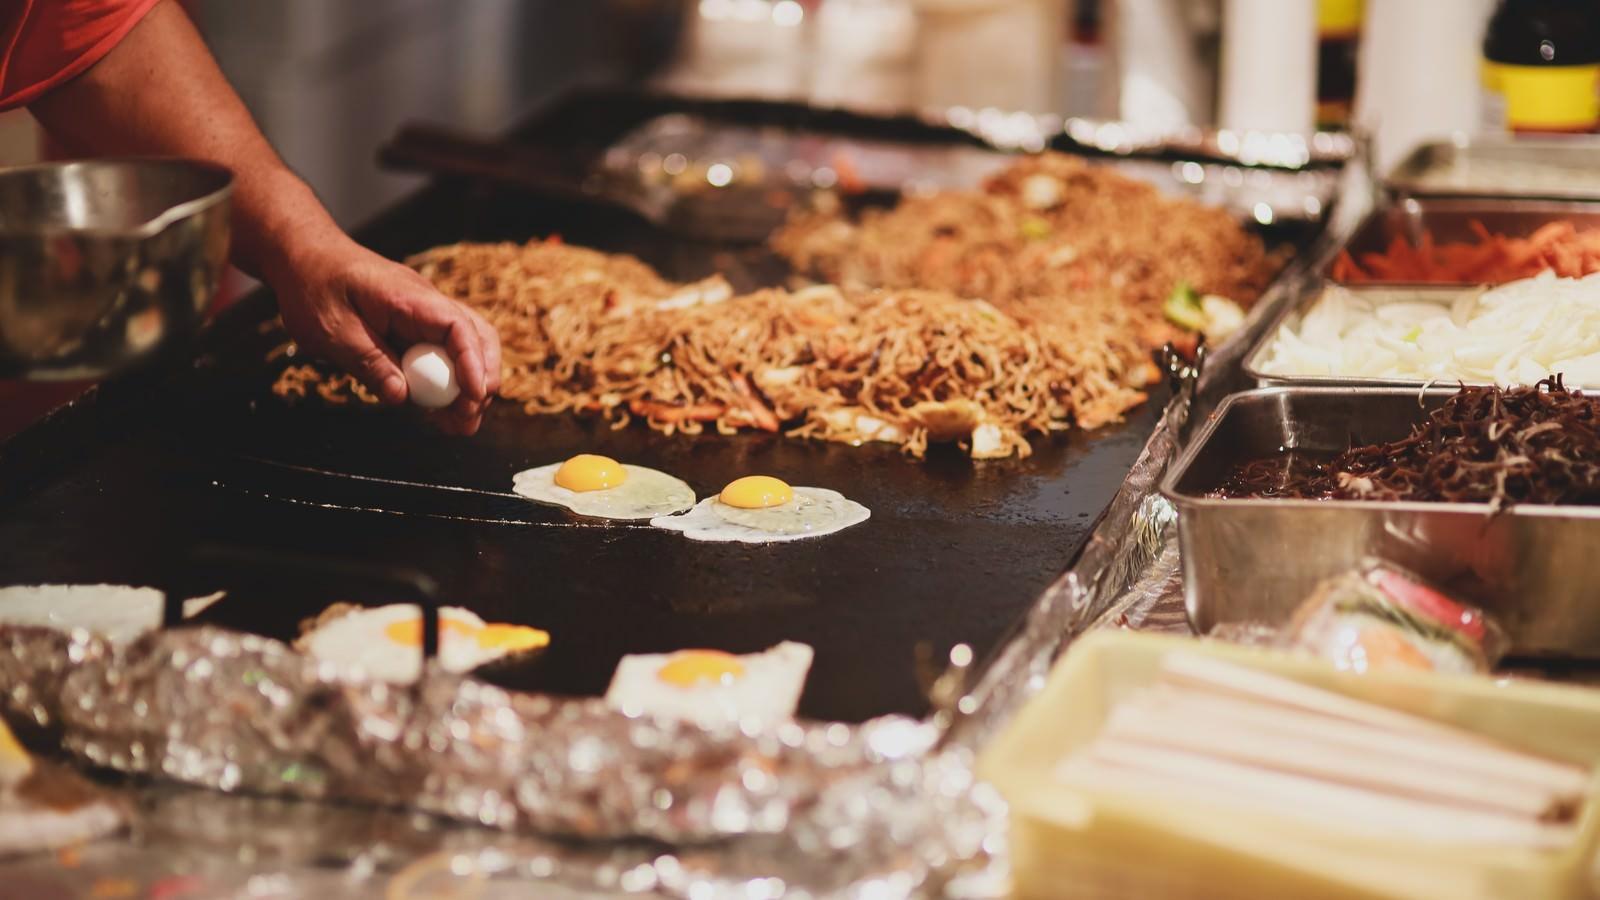 「焼きそばと見せかけて広島風お好み焼きを作る大将 | 写真の無料素材・フリー素材 - ぱくたそ」の写真